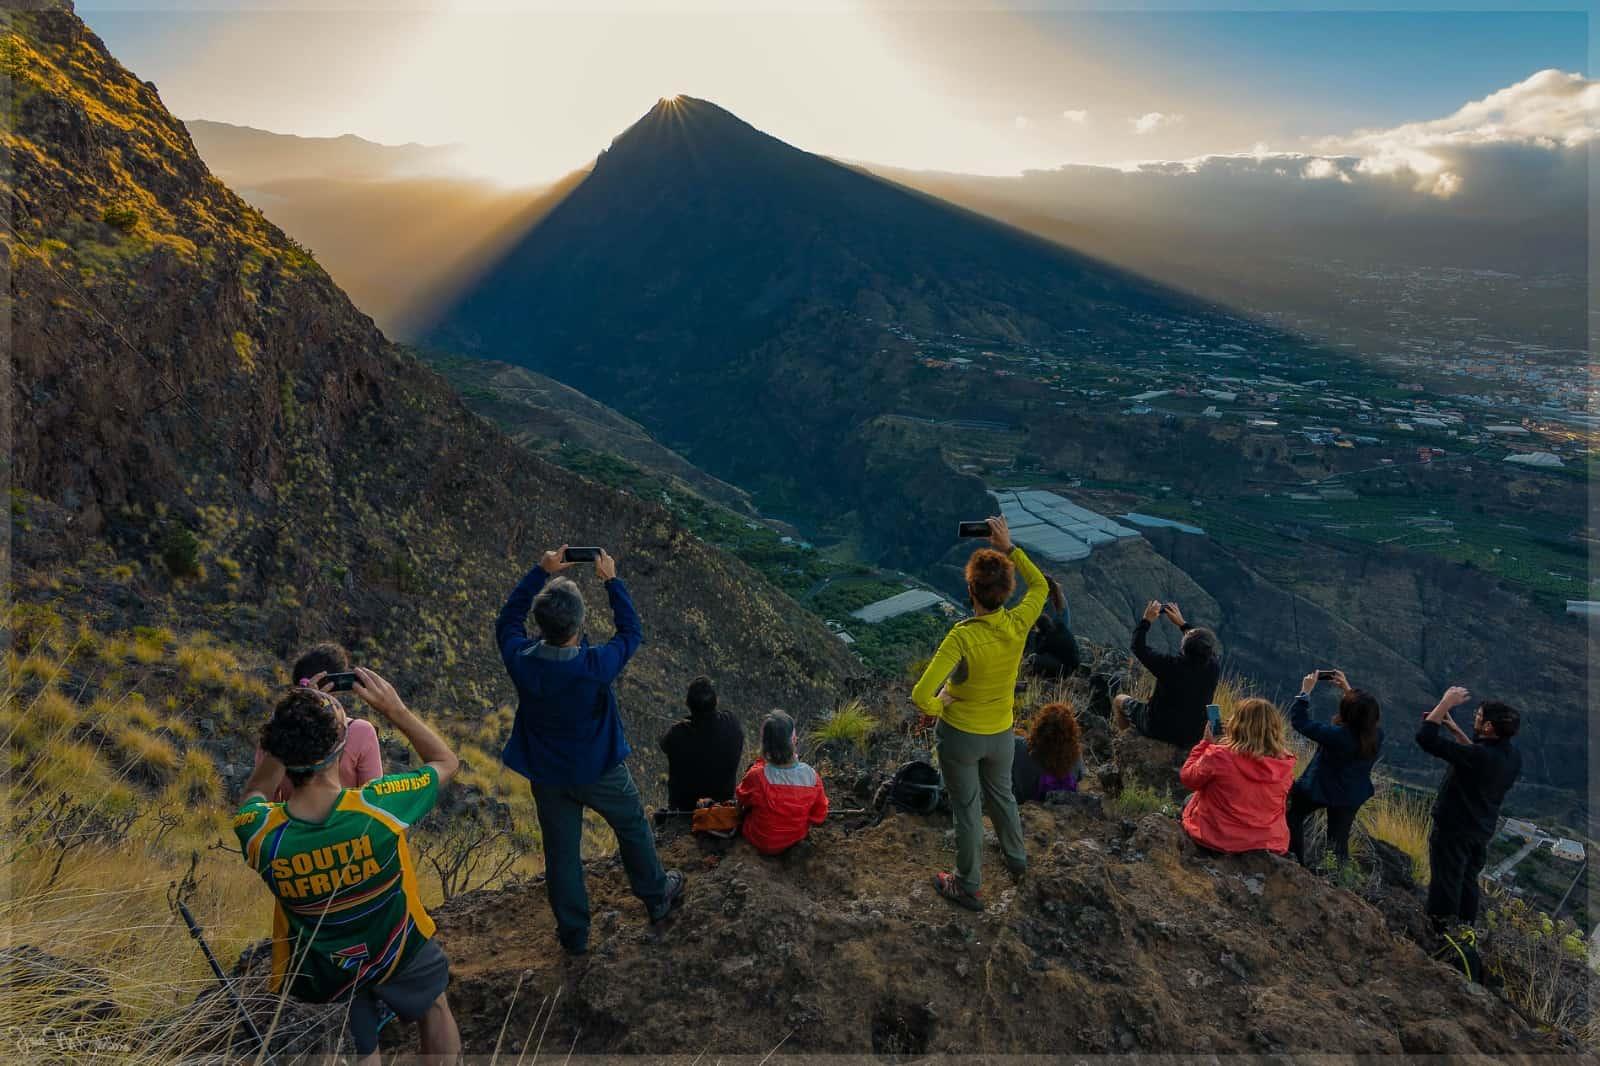 La Consejería de Turismo del Cabildo de La Palma, Astronorte y la Asociación Iruene celebraron las jornadas Arqueoastronomía y Cosmovisión de los Antiguos Canarios